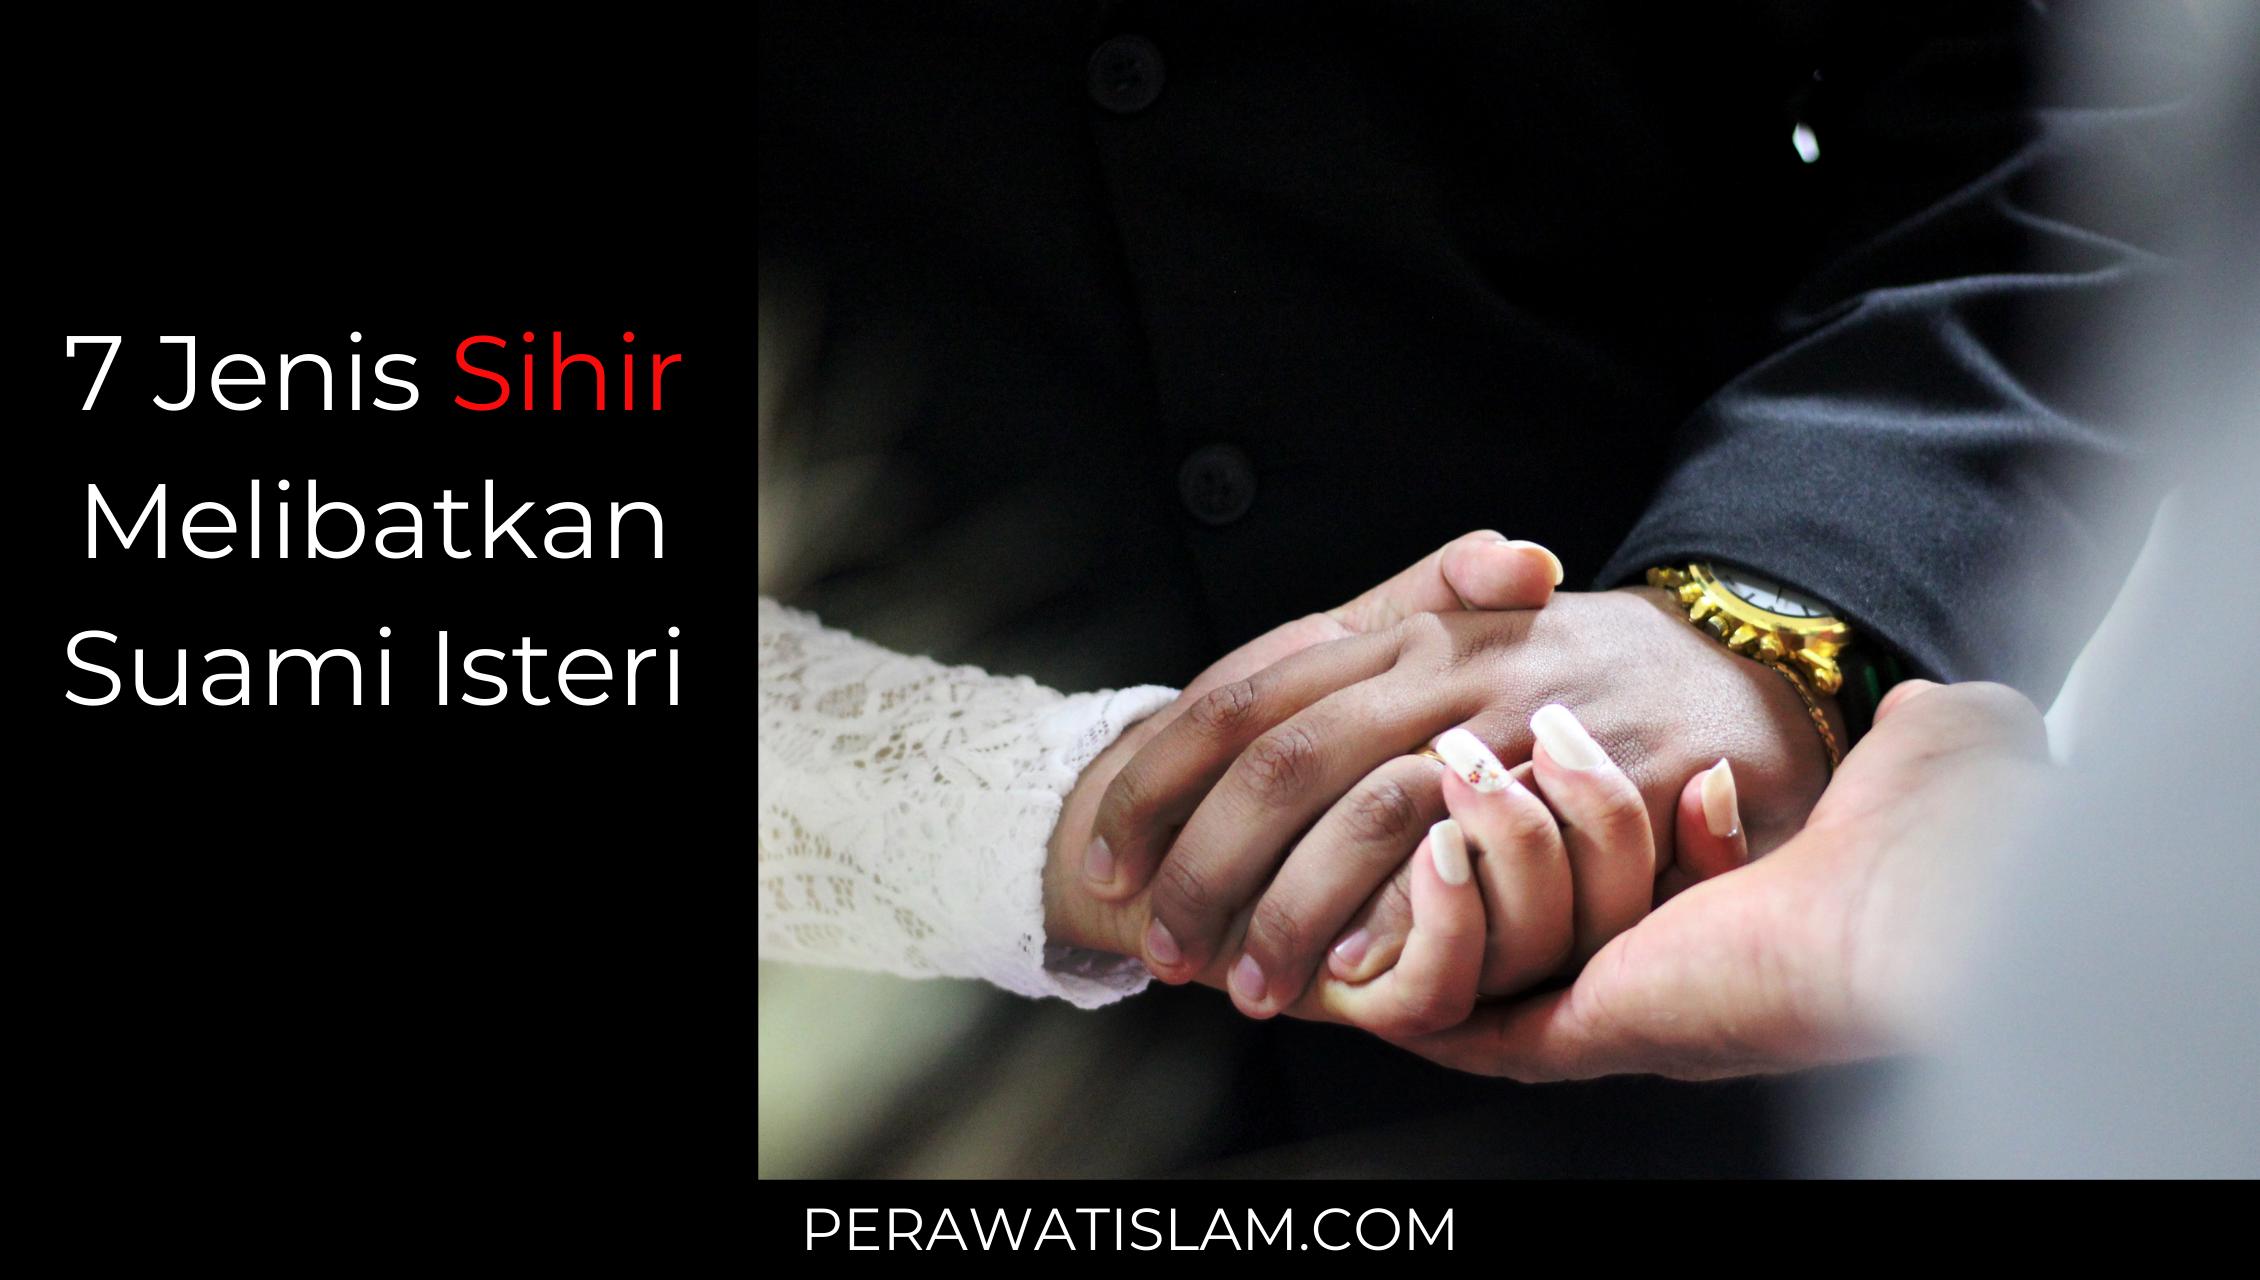 7 Jenis Sihir Melibatkan Suami Isteri & Tanda-Tandanya